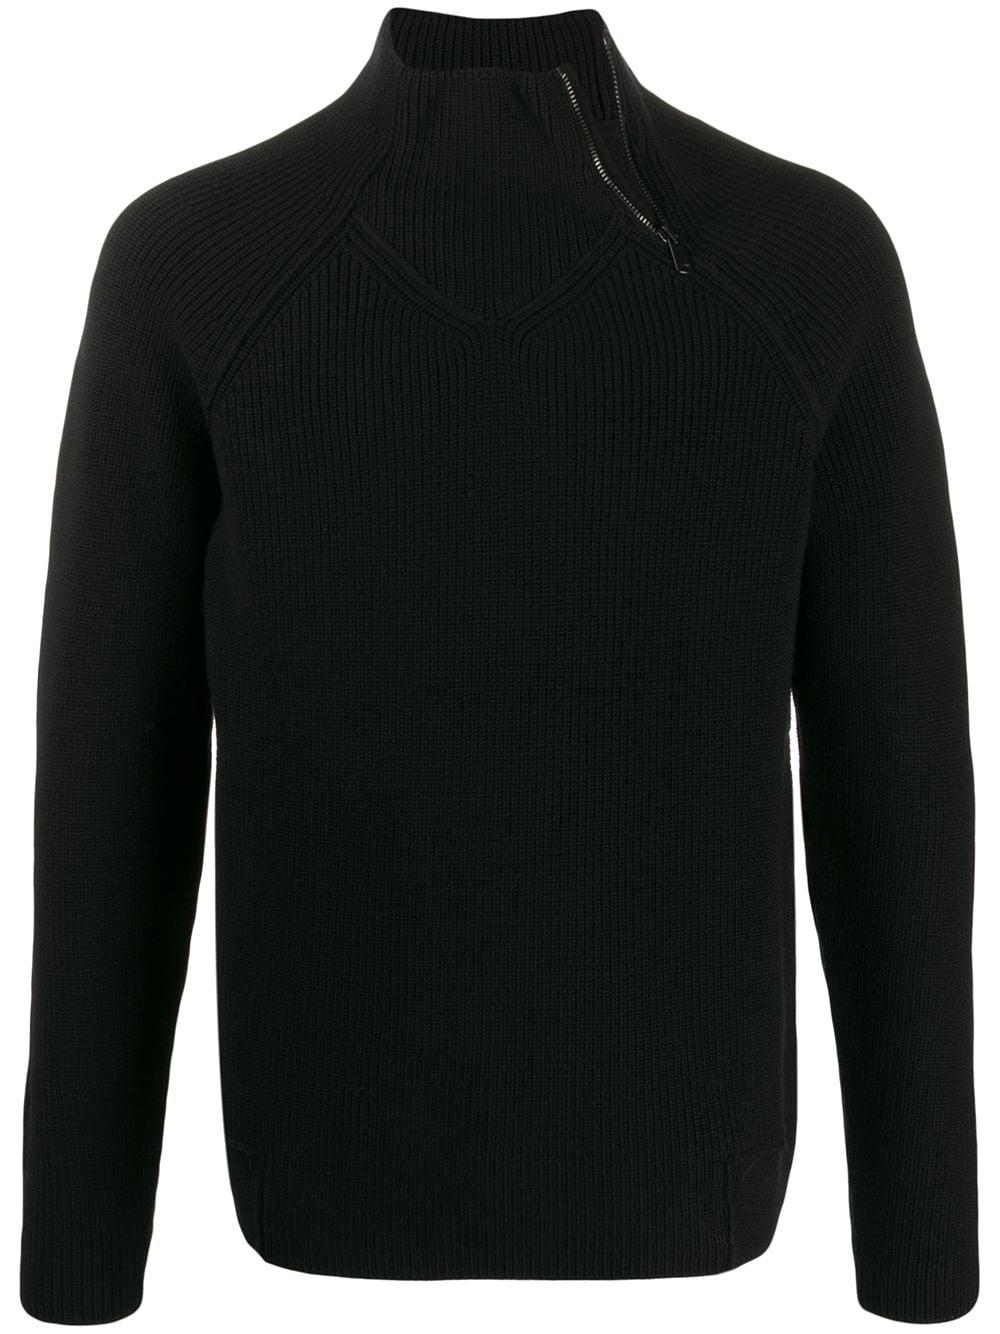 денег буду картинки мужские свитера на молнии выгодно подобрать